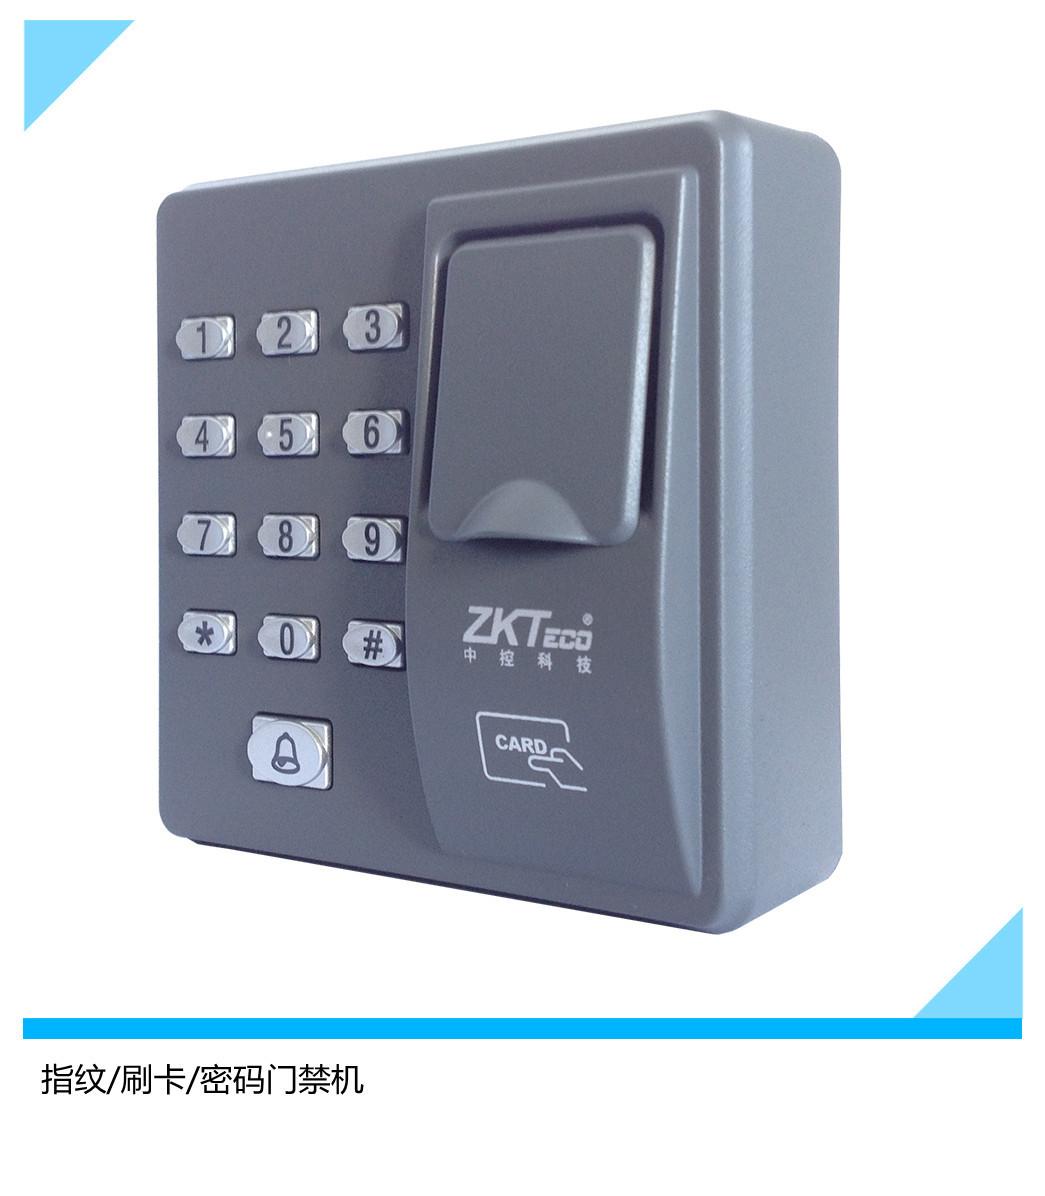 中控指纹门禁机 x6指纹门禁机 刷卡密码门禁系统 智能电子 阿里巴巴